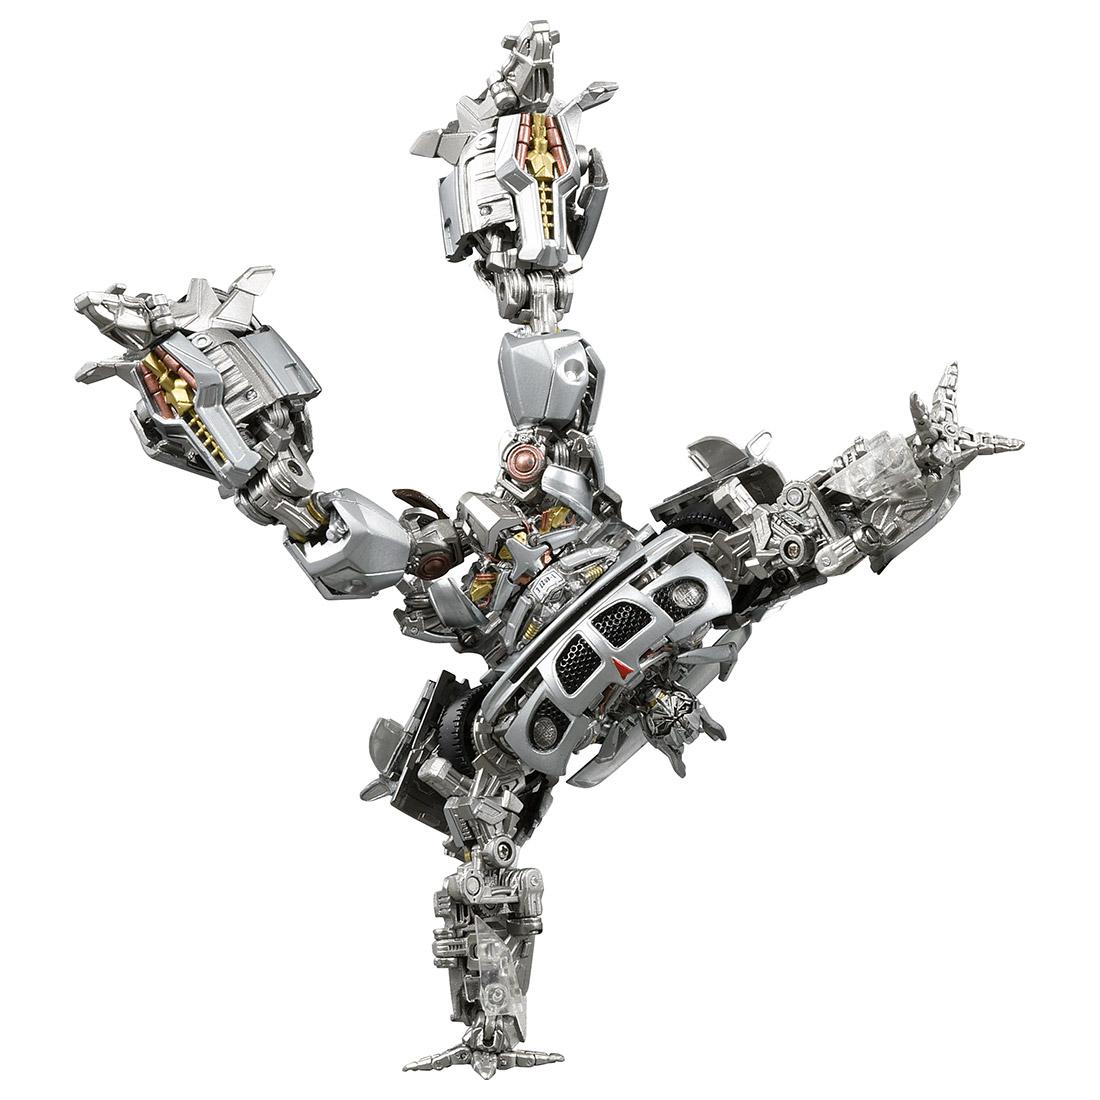 マスターピース『MPM-9 オートボットジャズ』トランスフォーマー 可変可動フィギュア-007